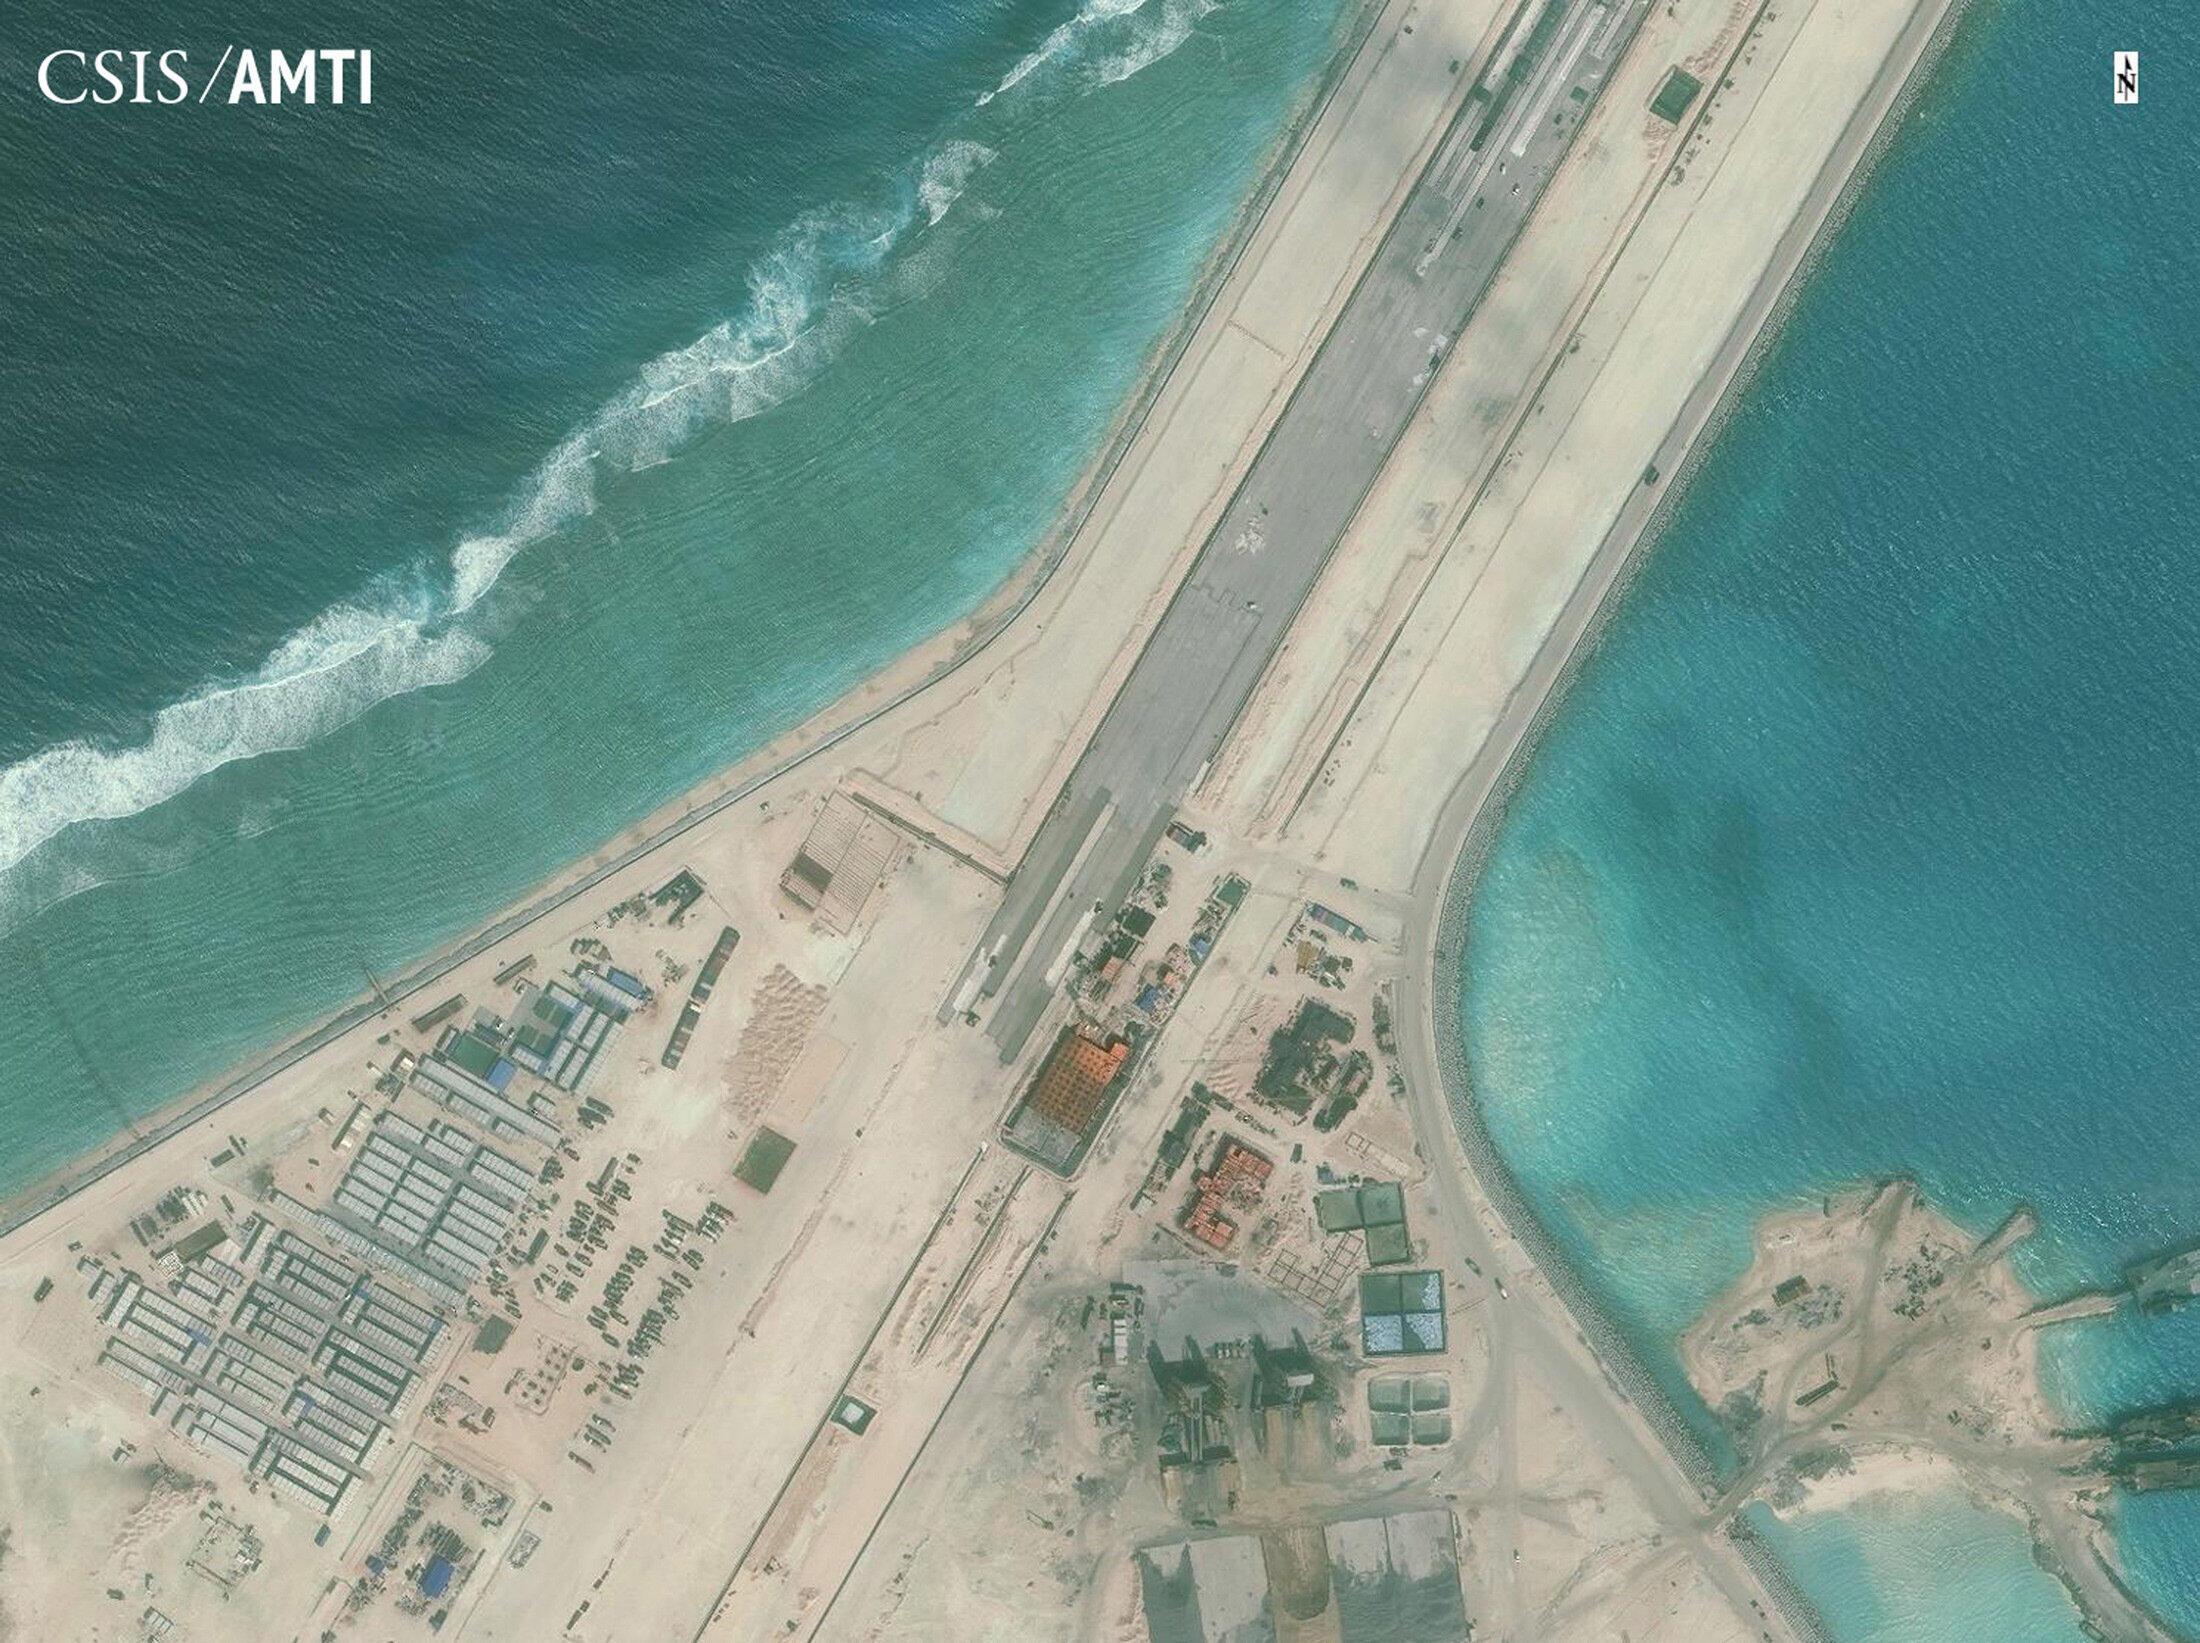 Hình chụp vệ tinh phi đạo trên đảo Subi của trung tâm  CSIS.